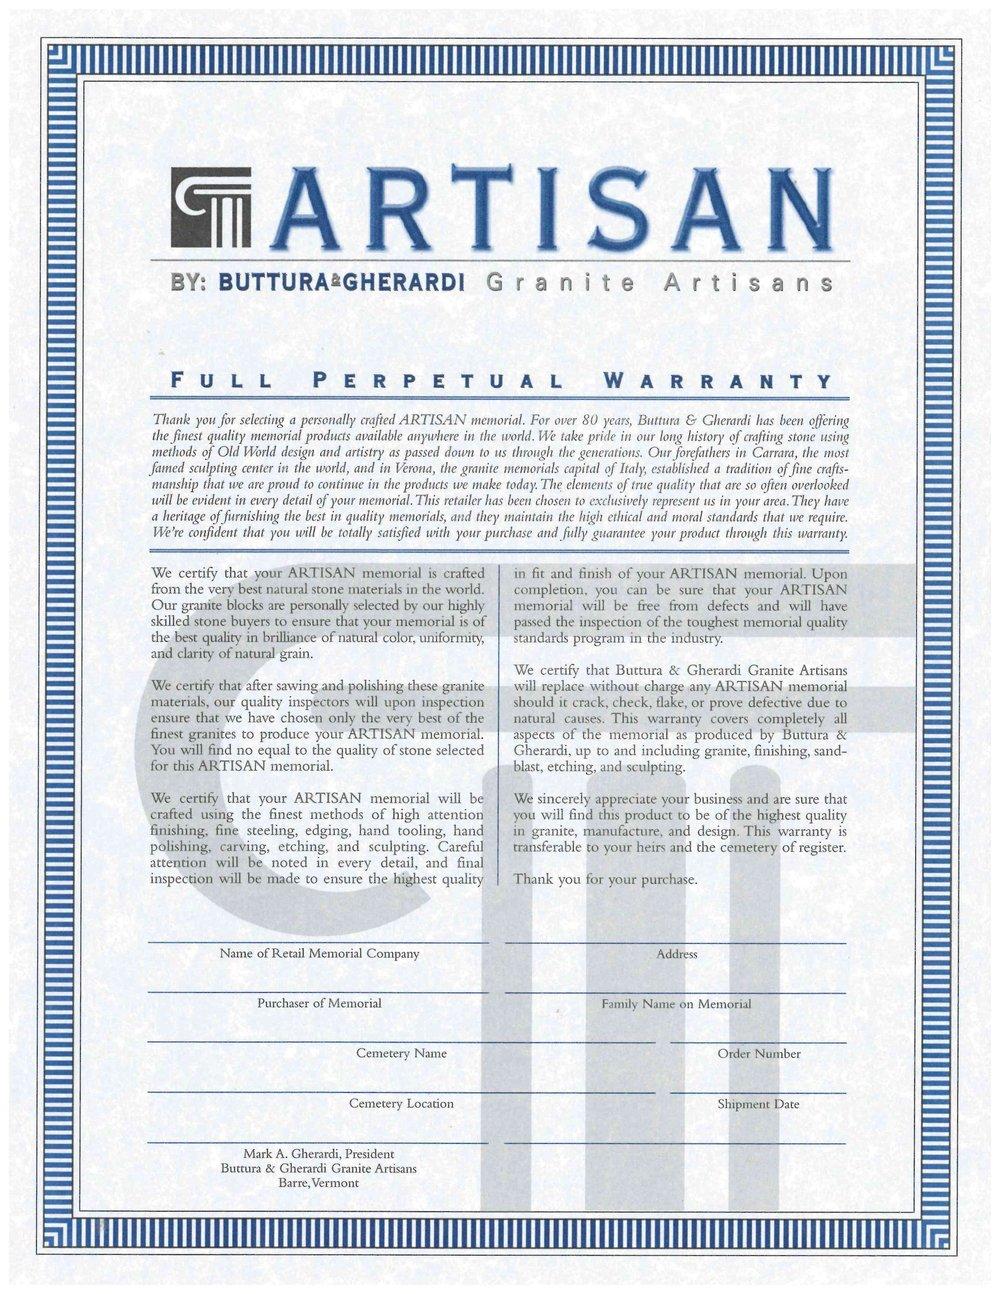 Aritsan Warranty.jpg